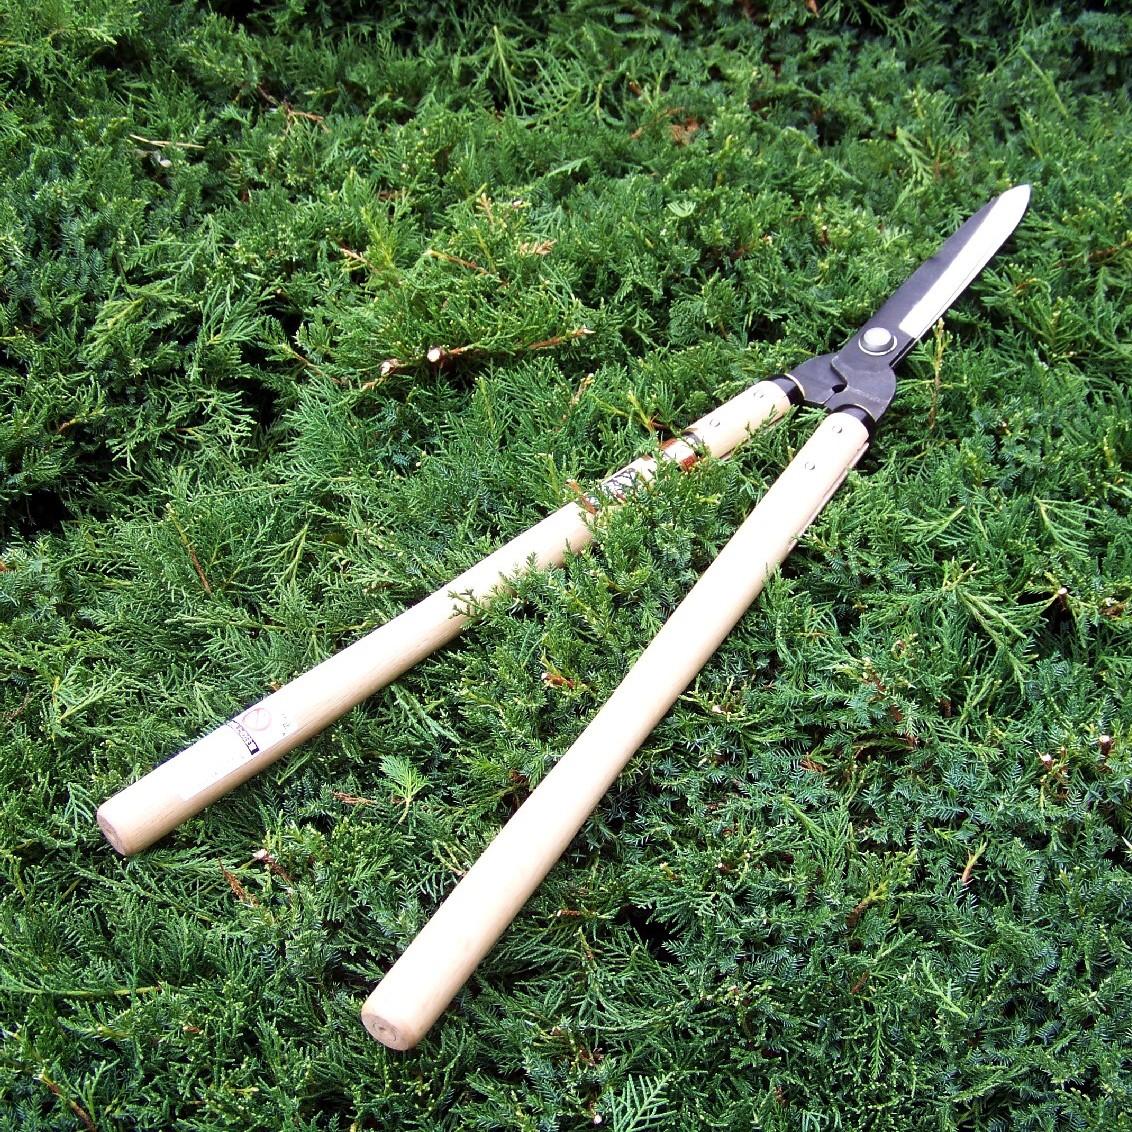 Les outils japonais pour le jardin Archives - Page 3 sur 3 - Le BLOG ...